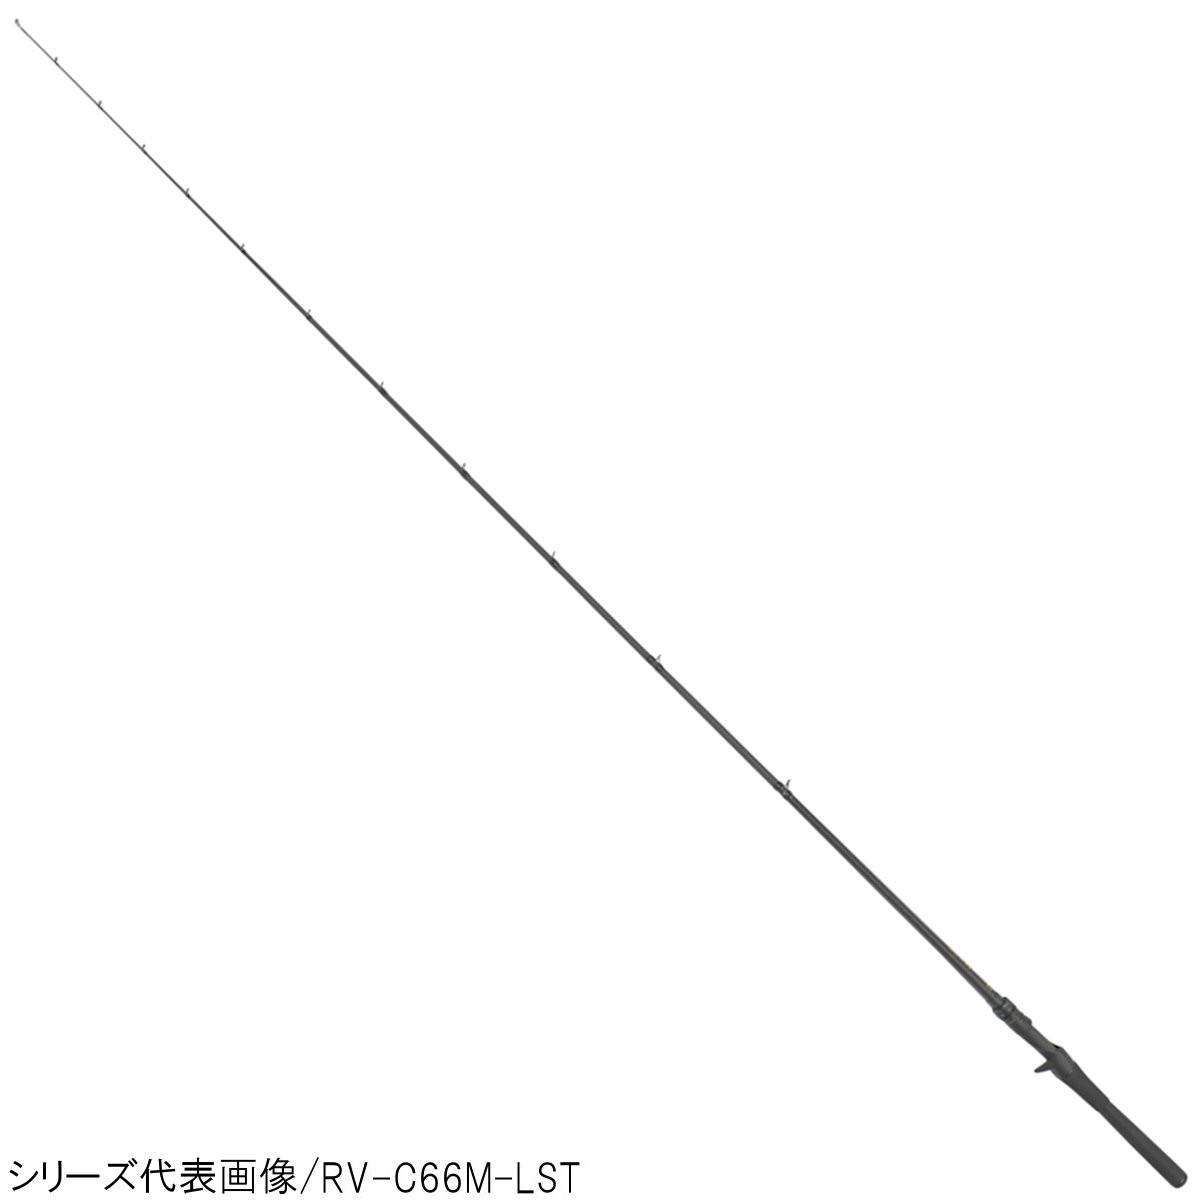 ジャッカル リボルテージ RV-C610M【大型商品】